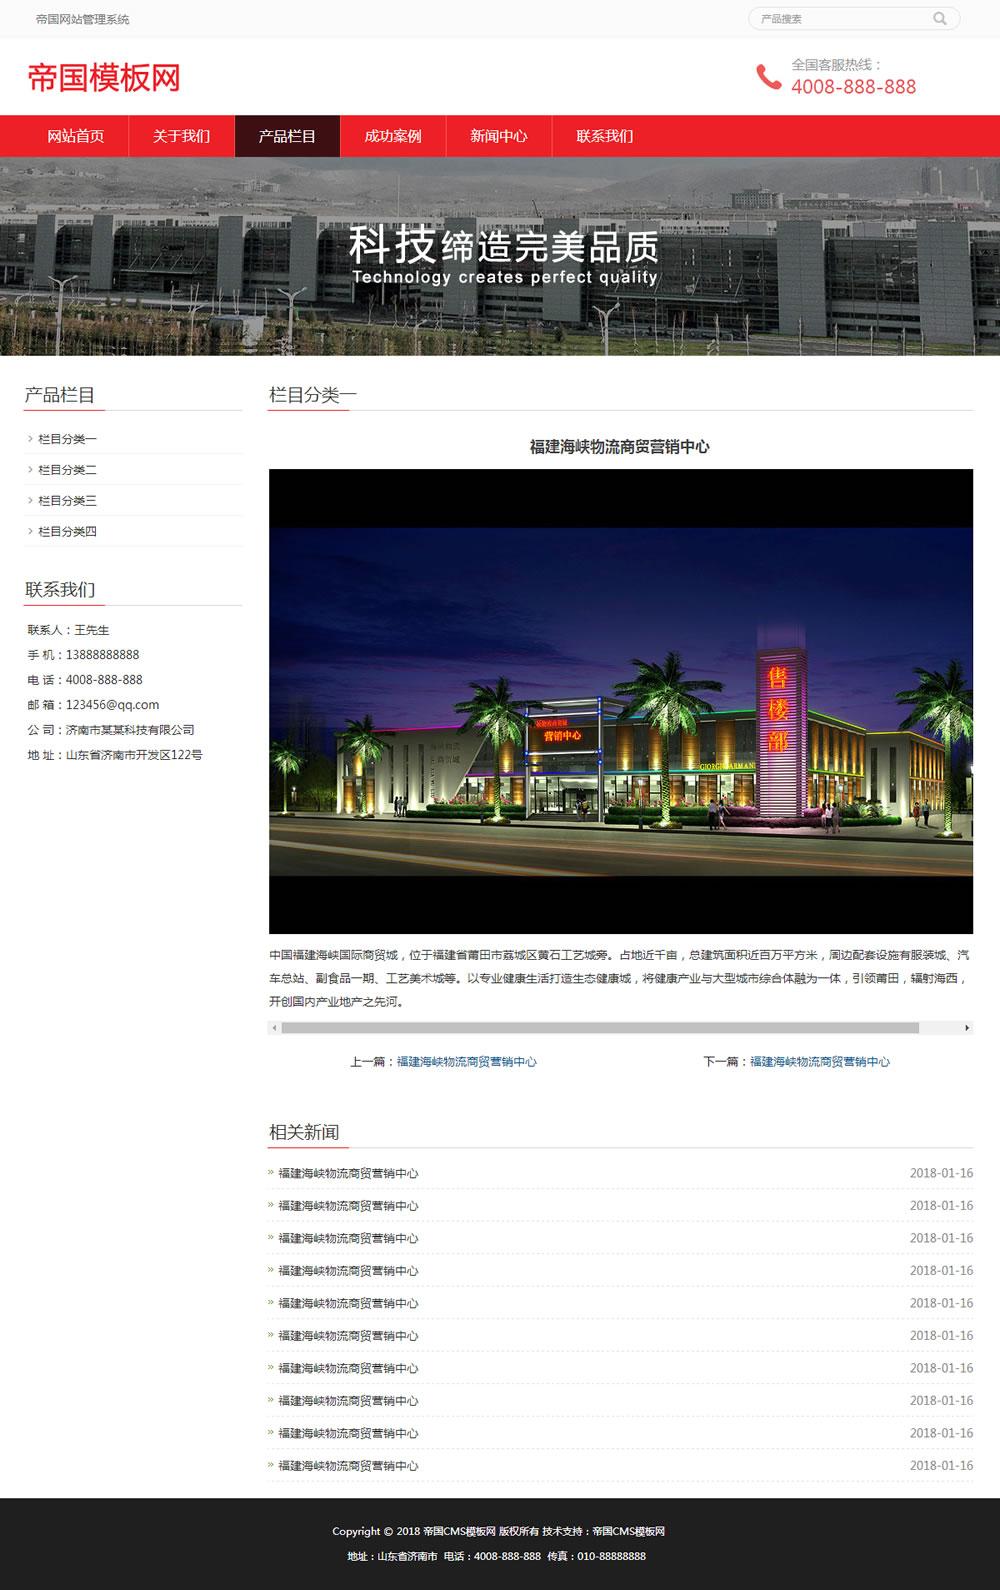 红色大气帝国cms自适应手机版公司企业网站模板_内容页